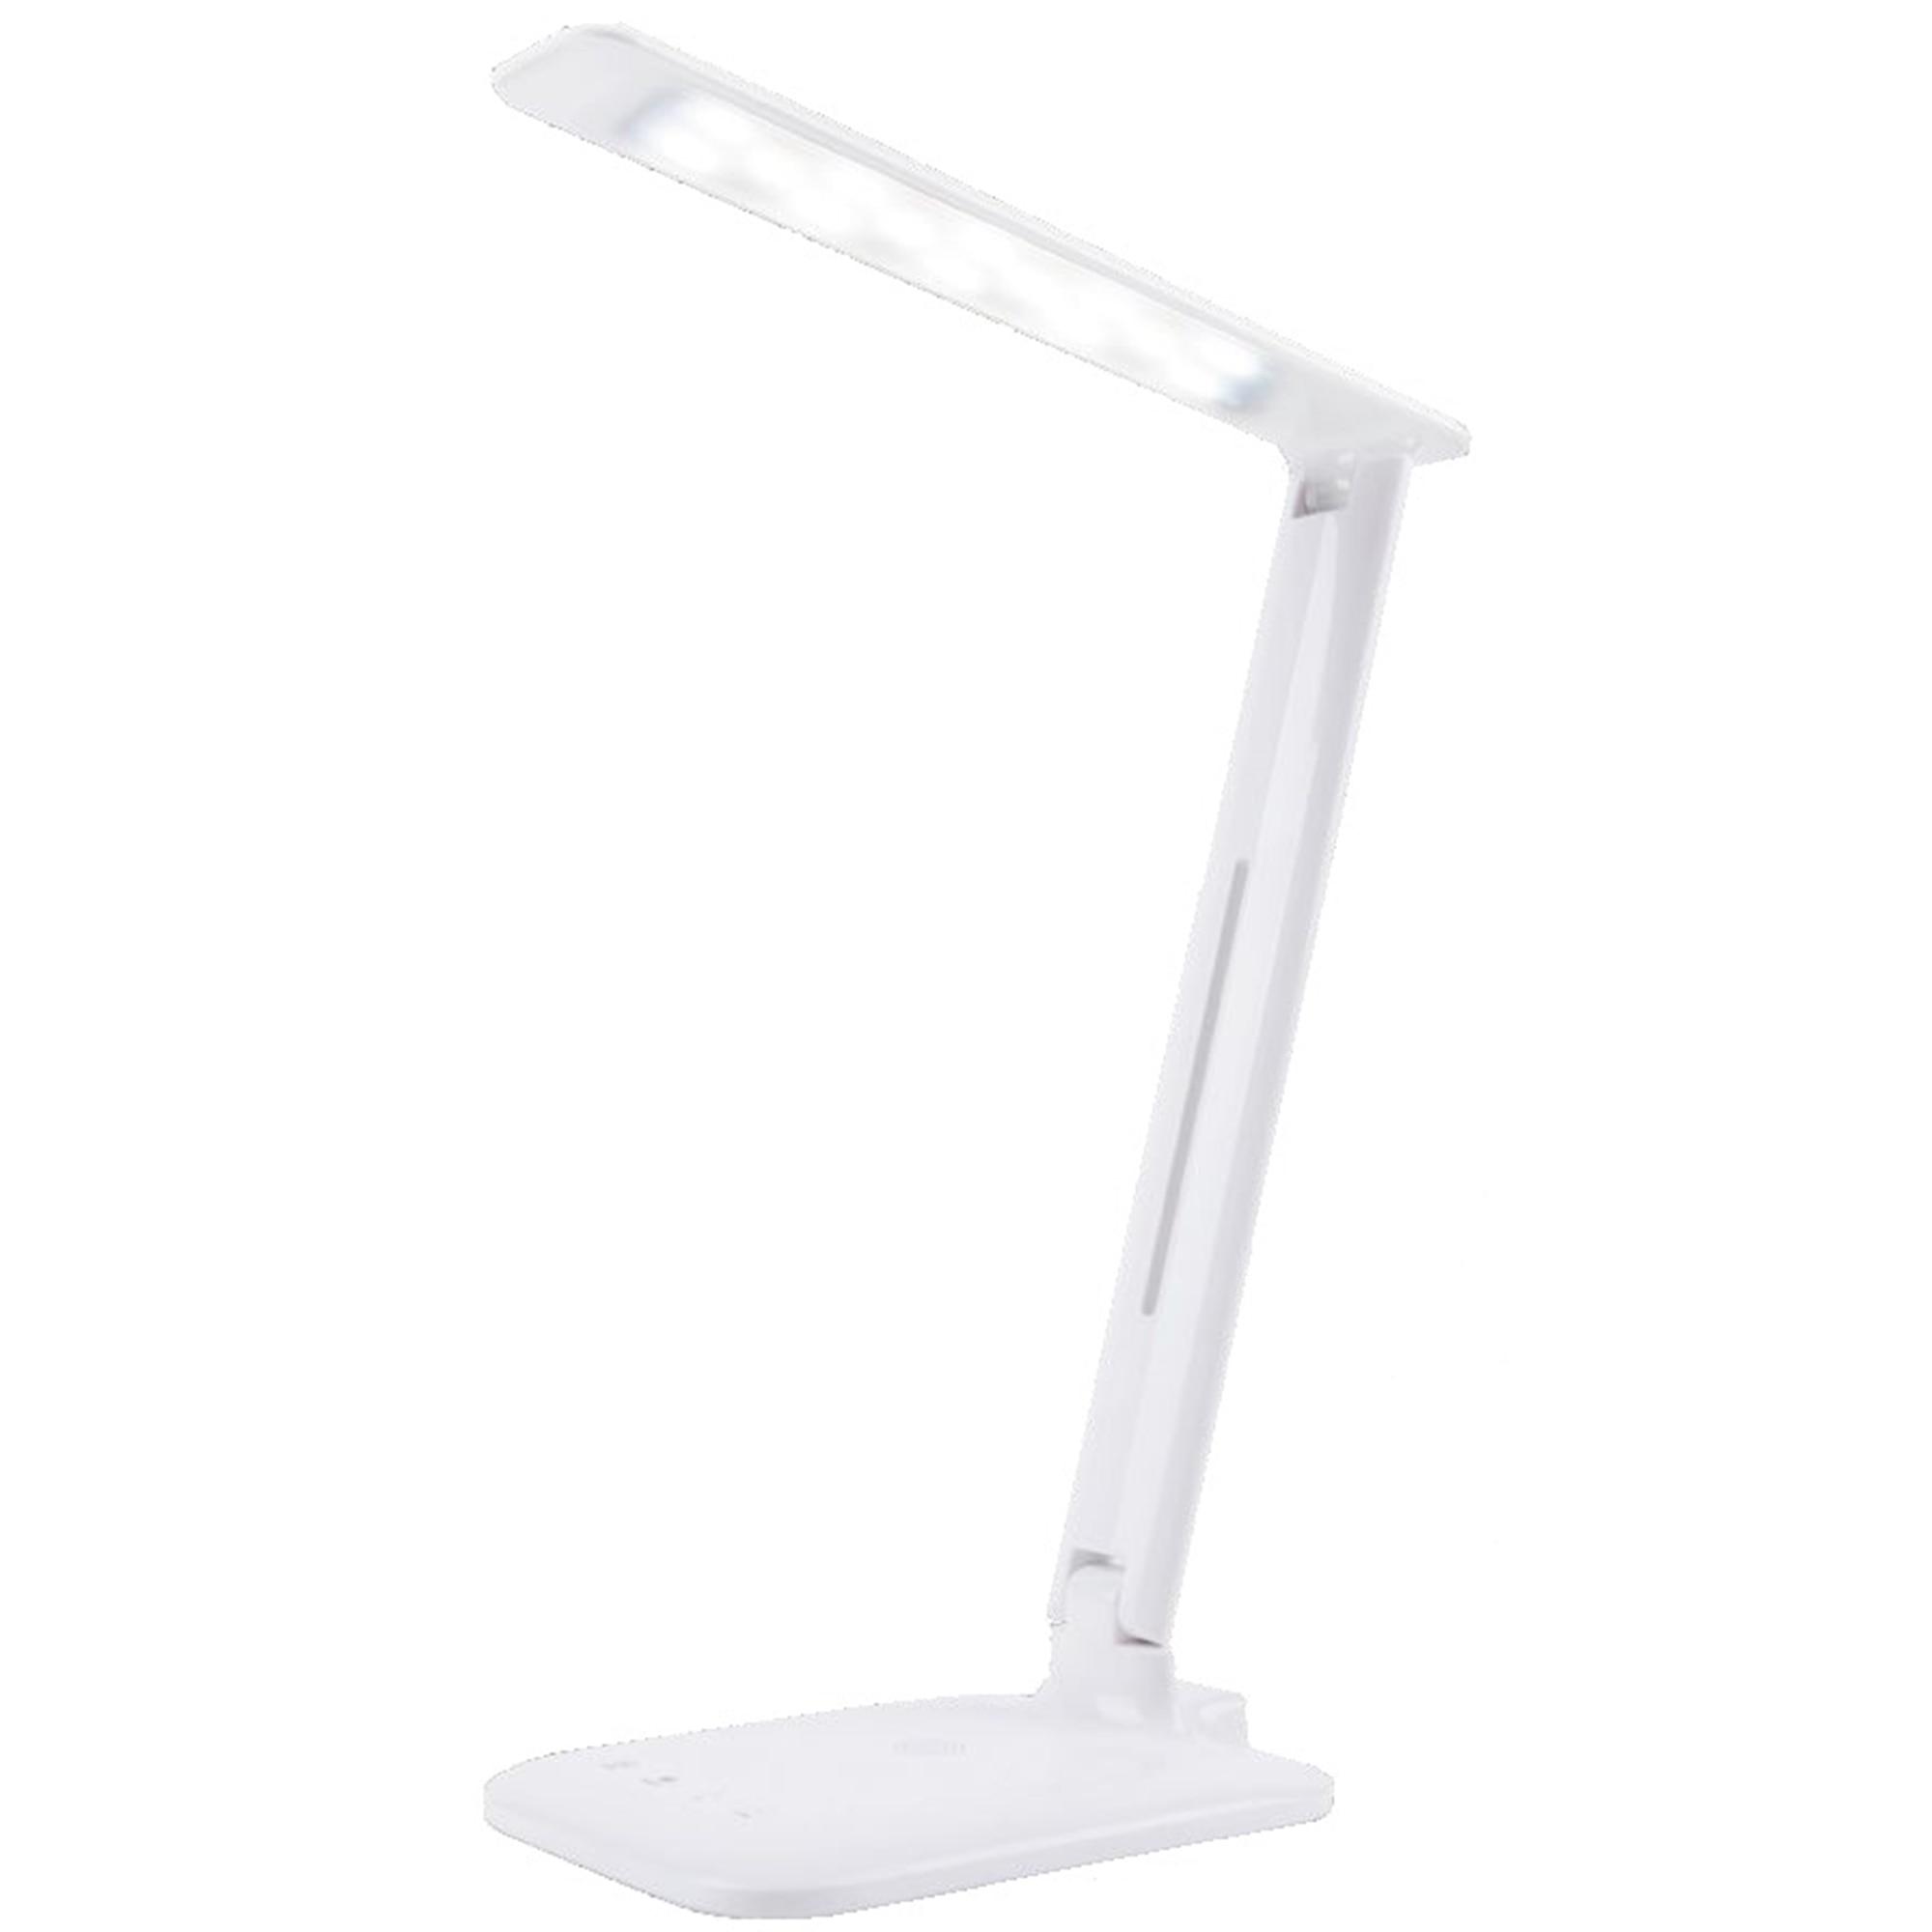 Fotografie Lampa de birou cu LED Wink DE1004, modul incarcare wireless pentru telefon cu sistem Android, control cu touch, USB, lumina calda si rece